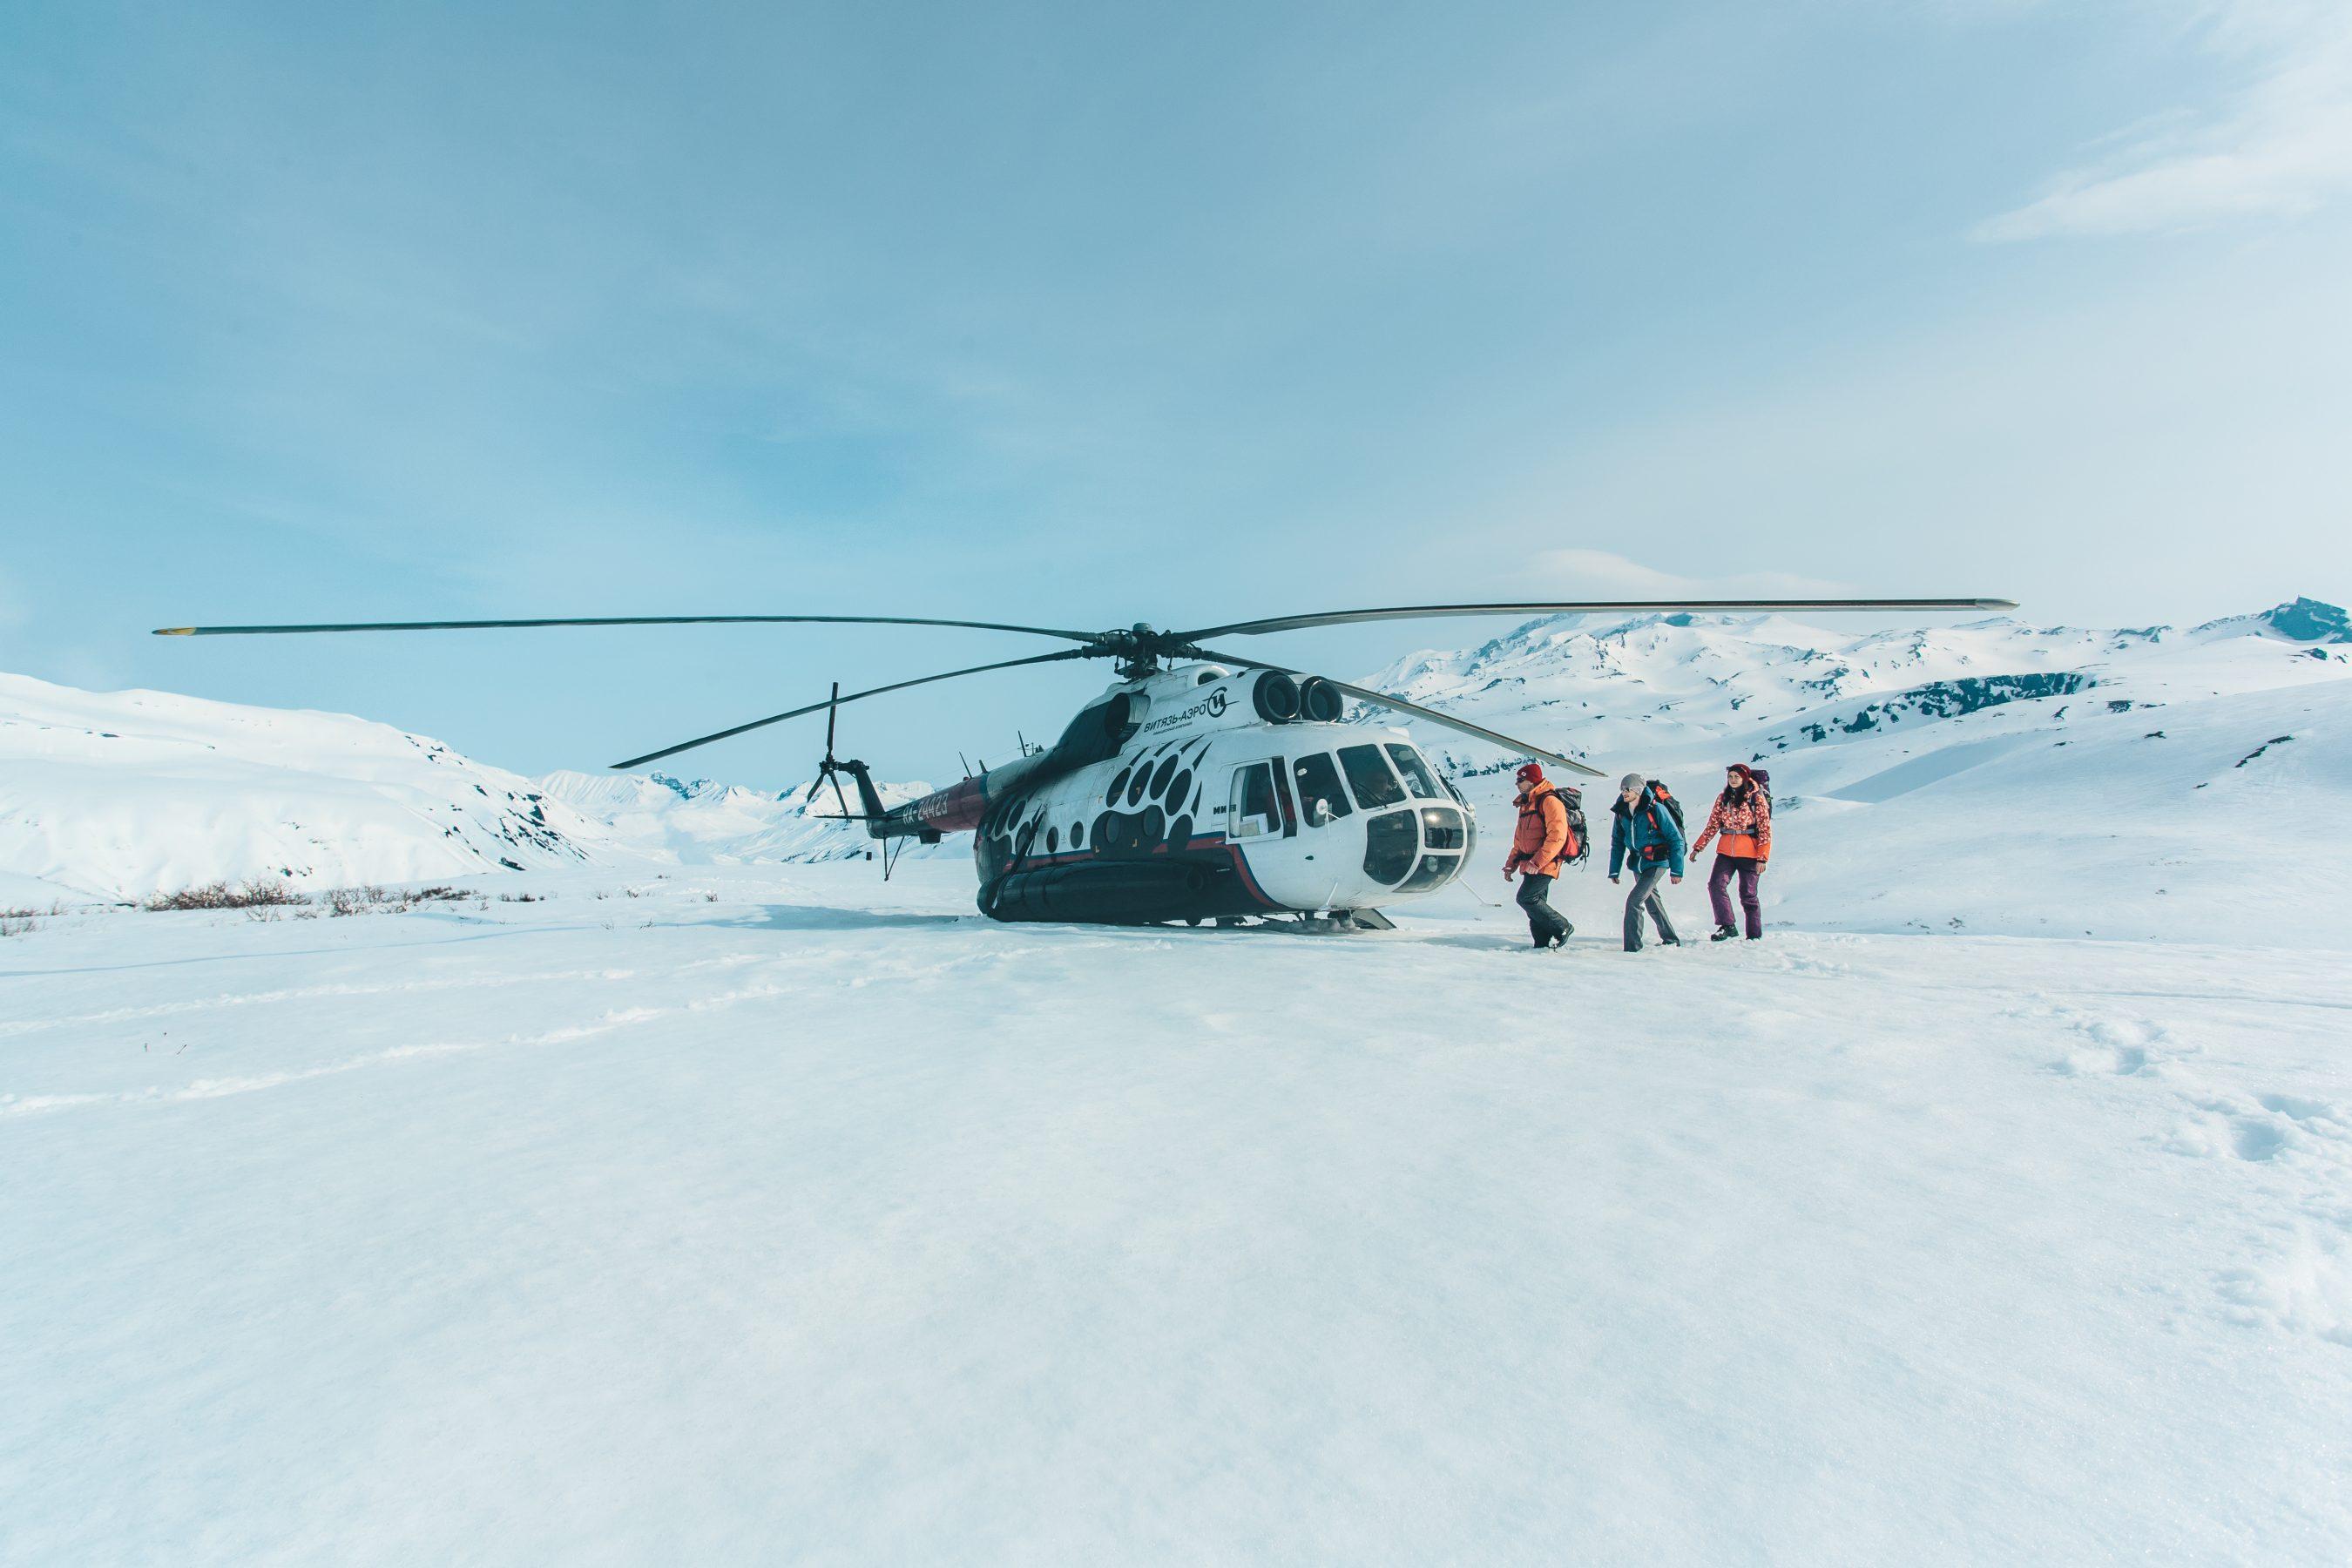 Высадка из Ми-8 в горах Камчатки